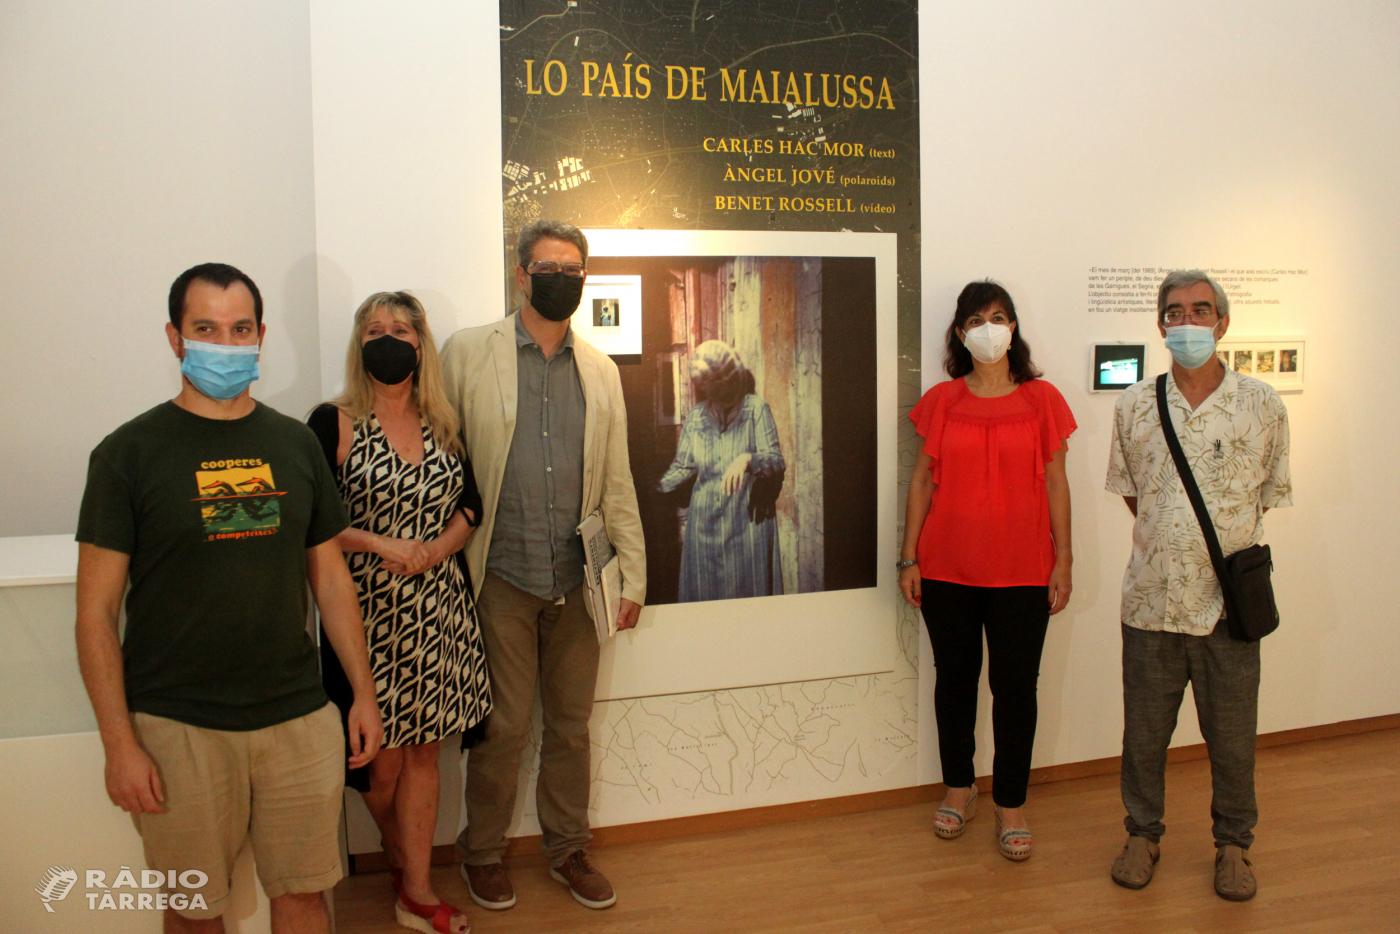 La Sala Marsà de Tàrrega exhibeix un treball conjunt dels artistes lleidatans Carles Hac Mor, Àngel Jové i Benet Rossell